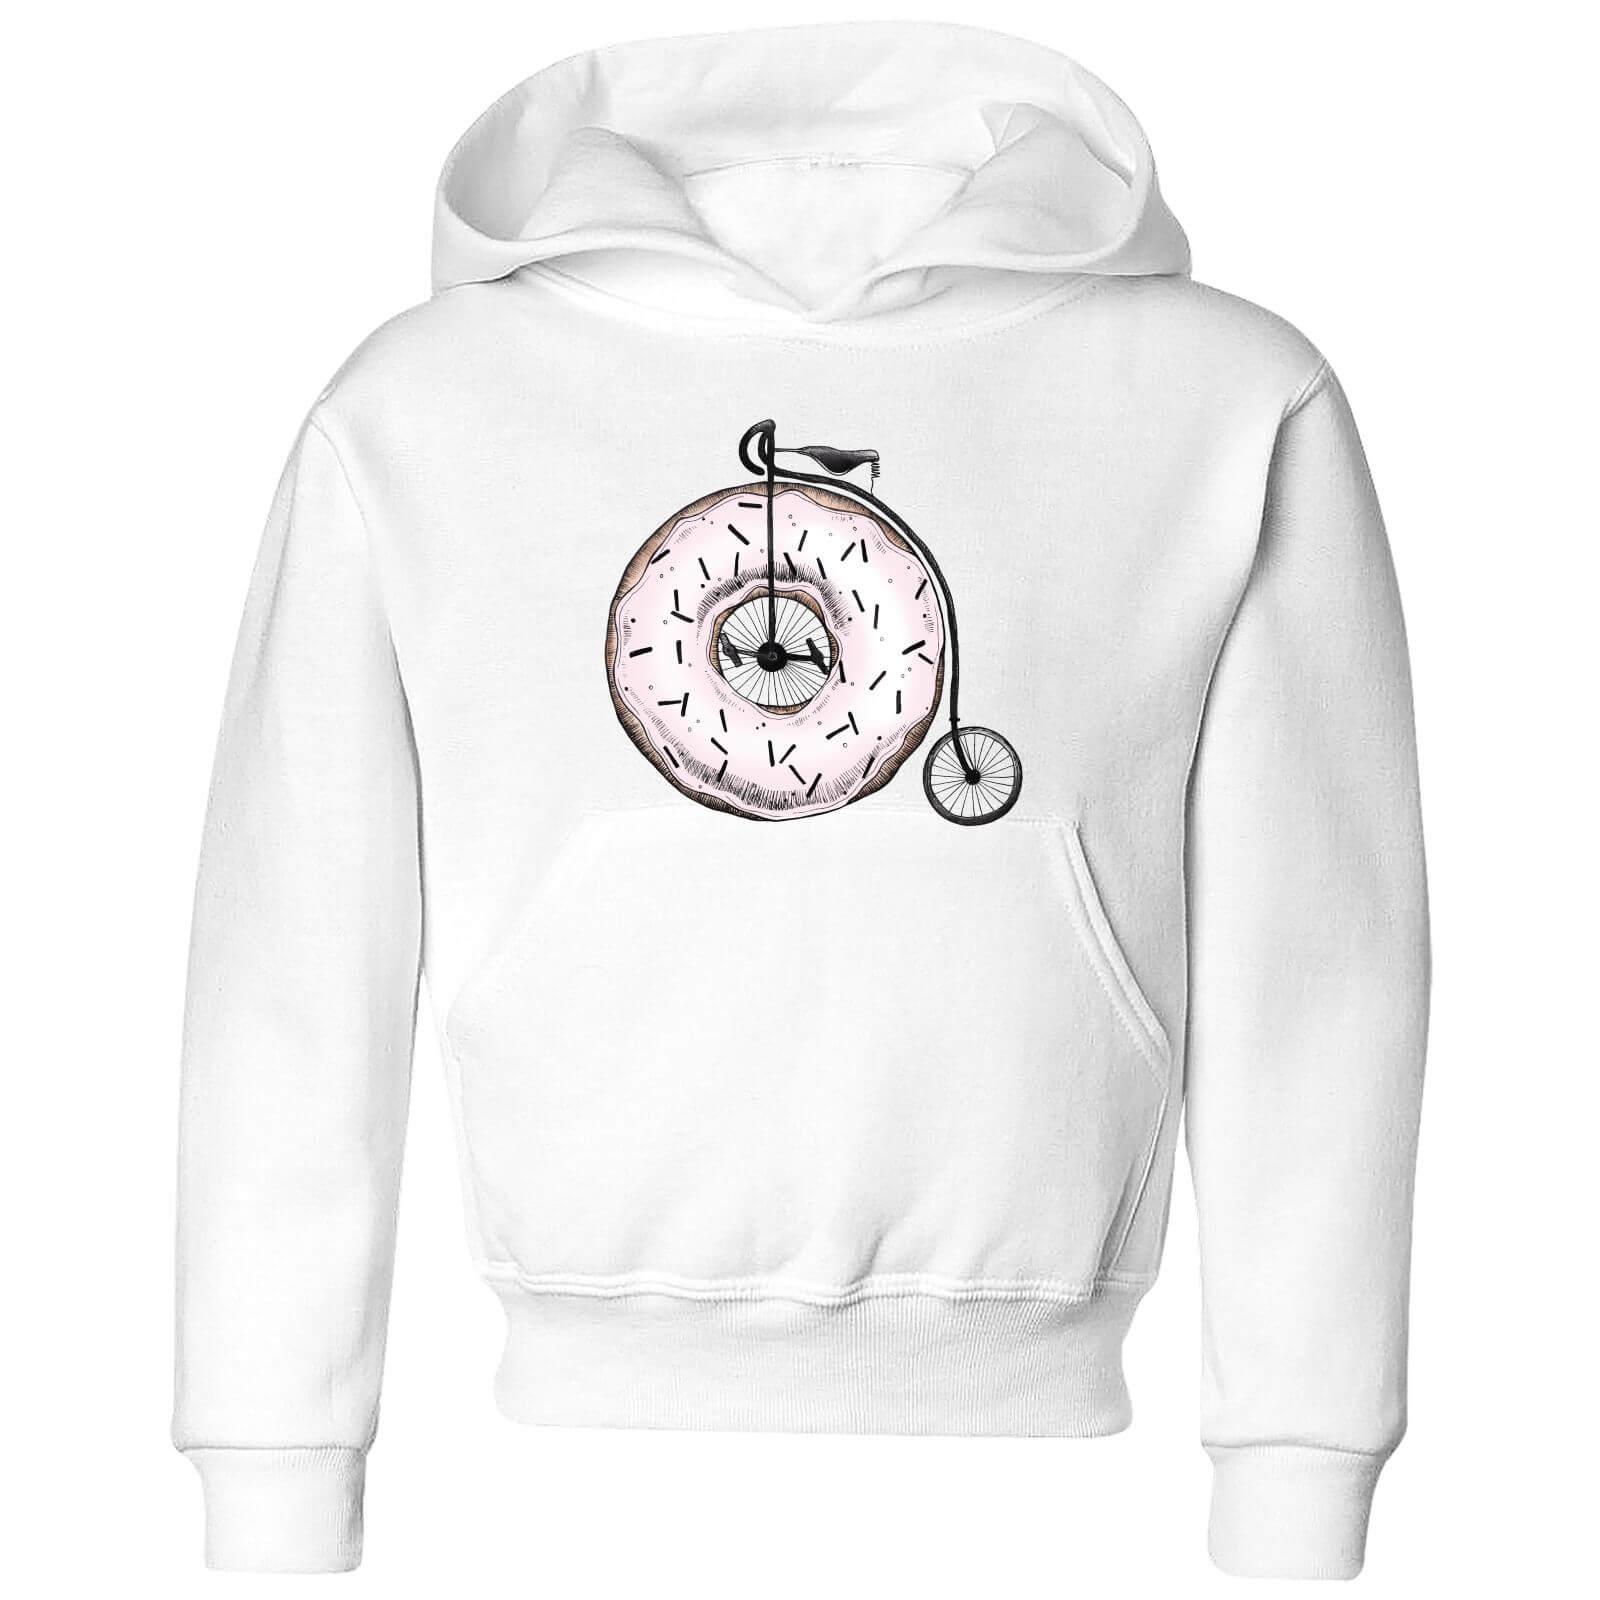 Barlena Donut Ride My Bicycle Kids Hoodie   White   3 4 Years   White